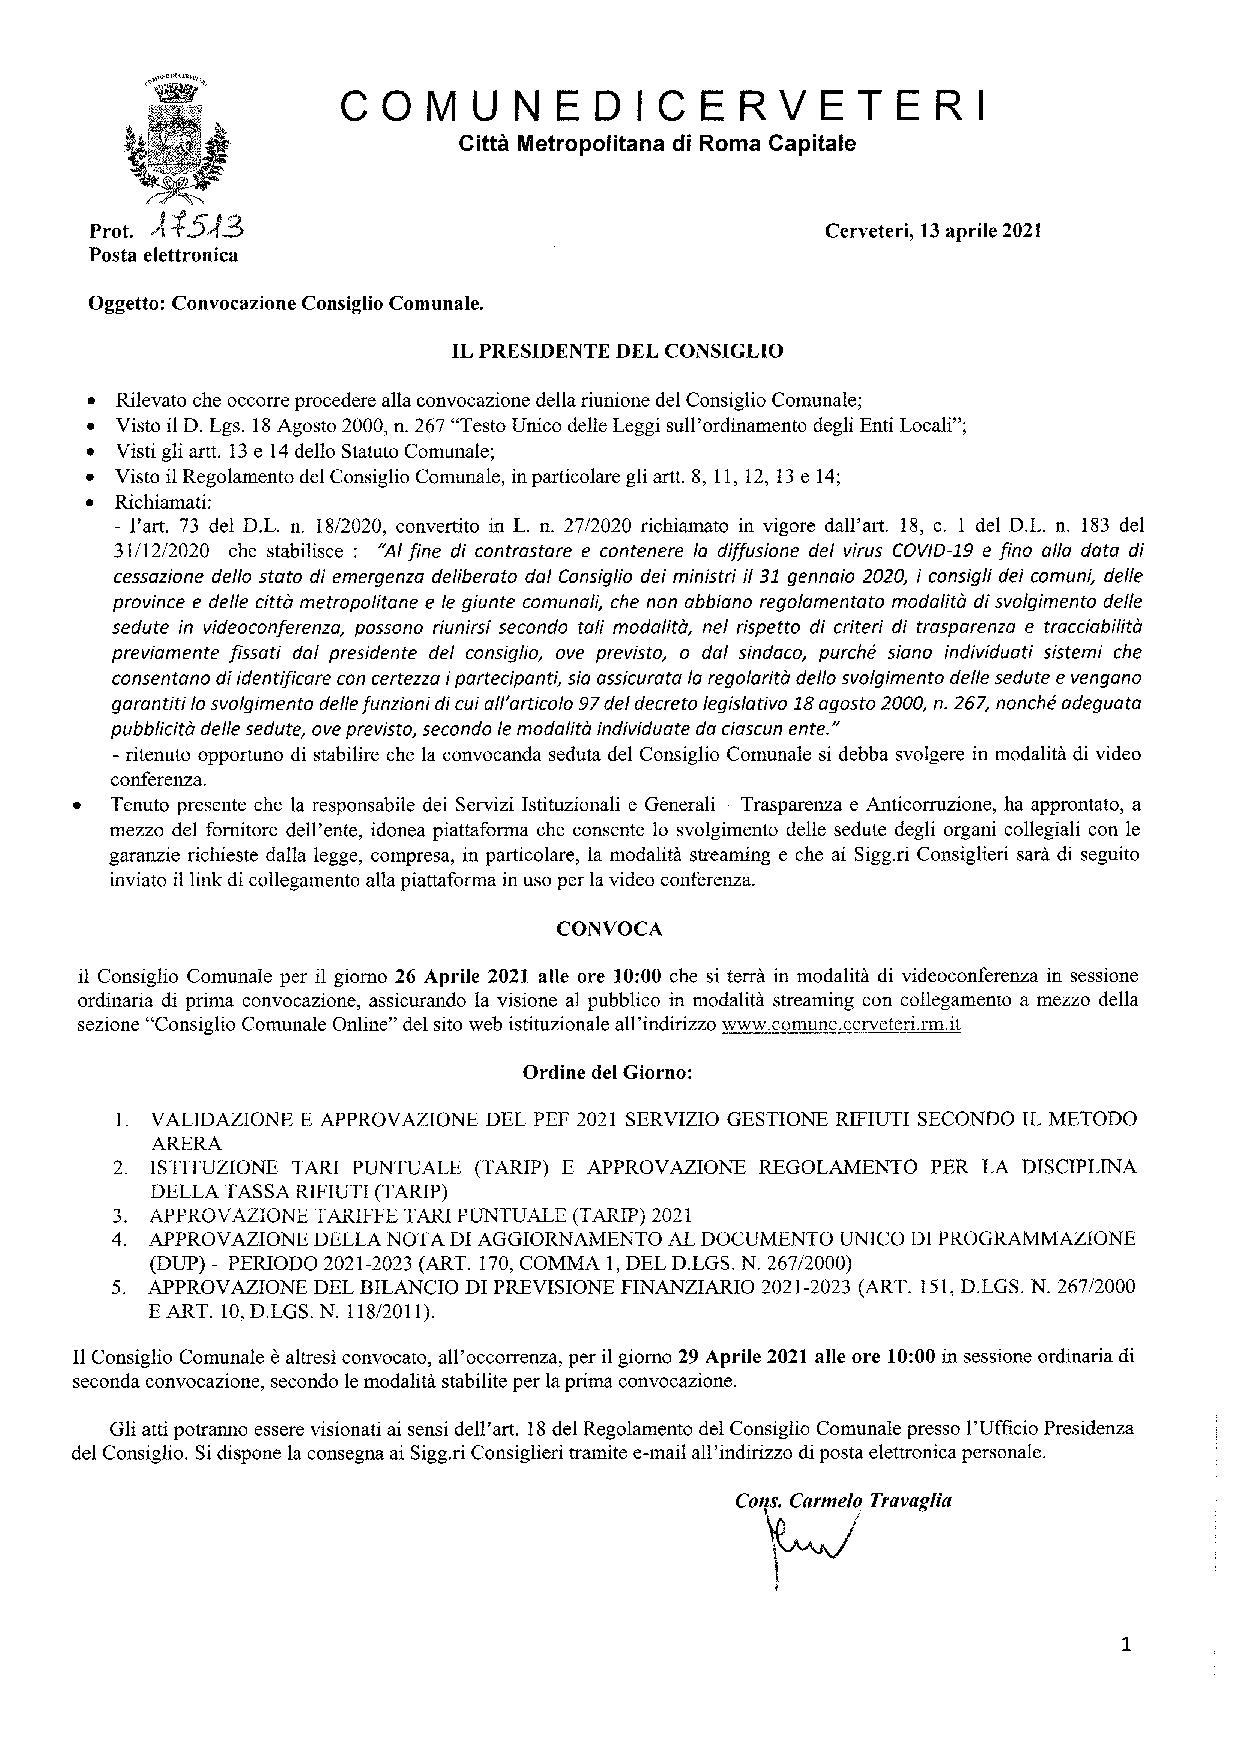 Convocazione Consiglio Comunale del  26/04/2021